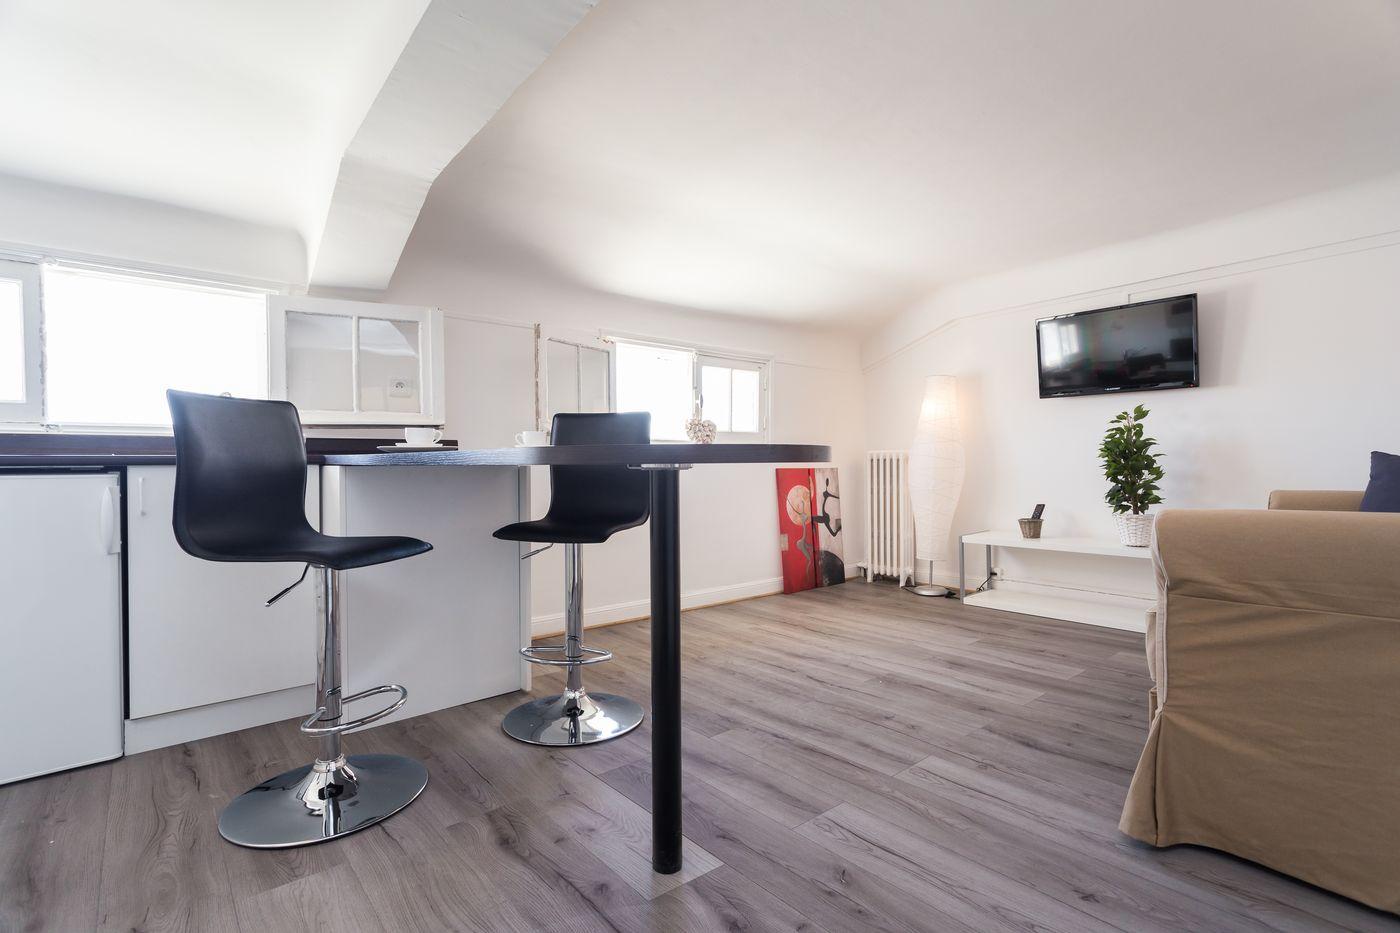 comment chercher un appartement en location. Black Bedroom Furniture Sets. Home Design Ideas